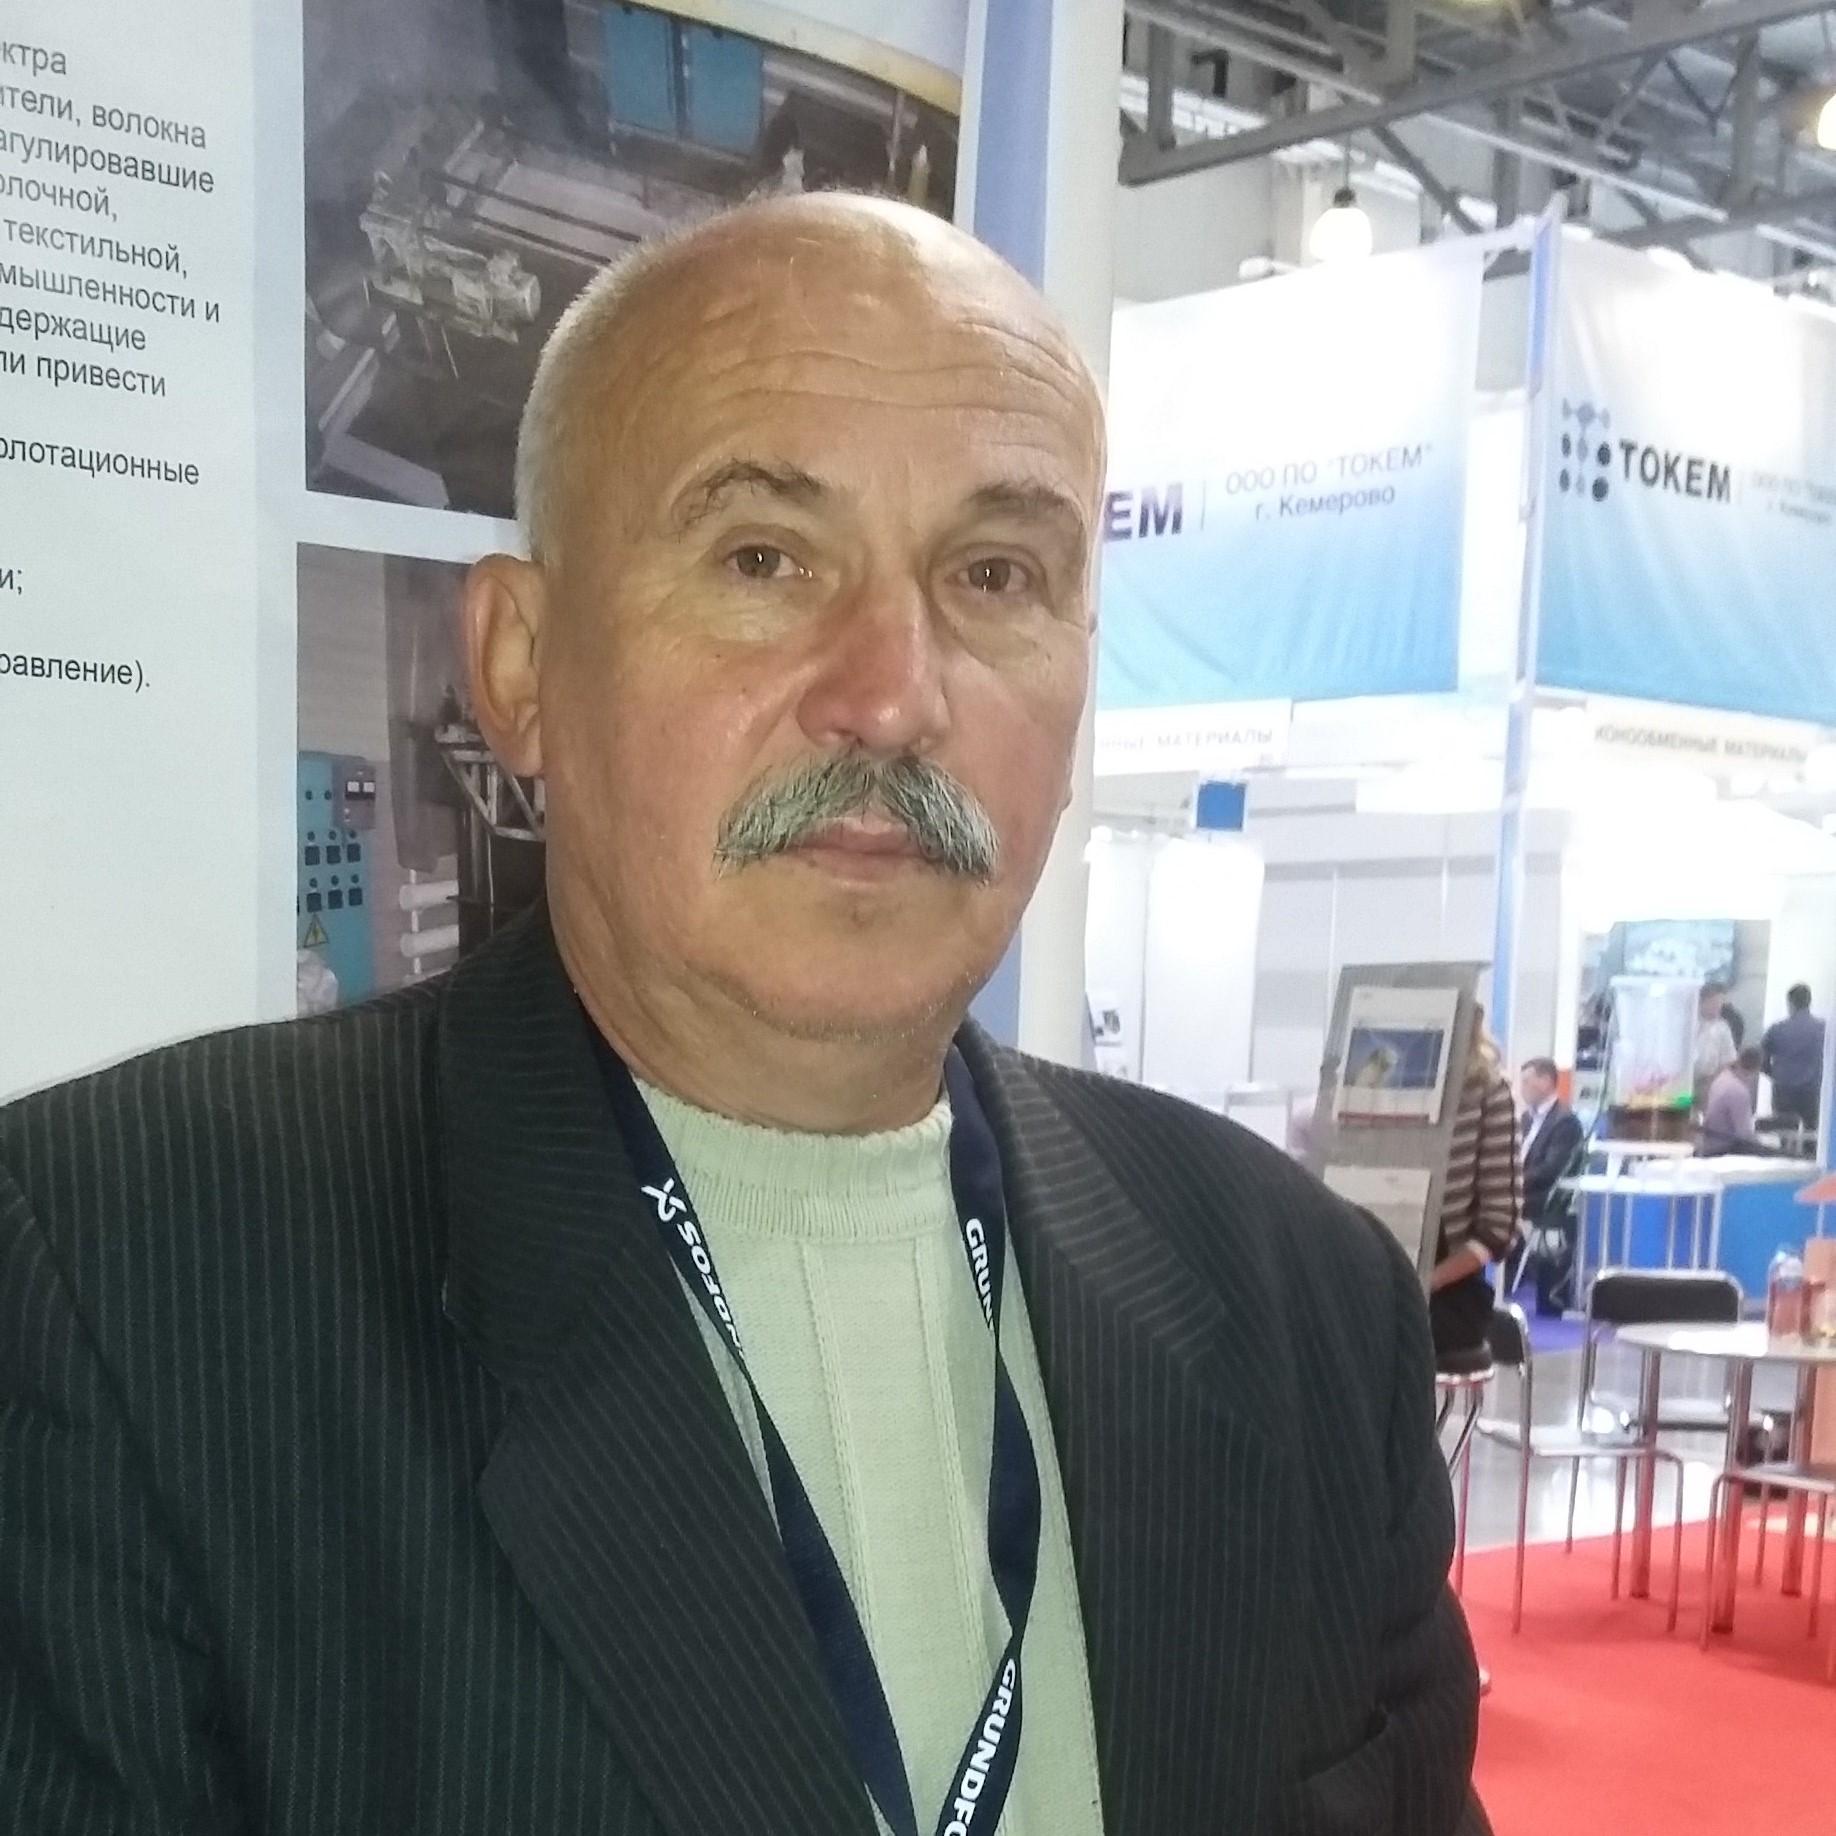 ООО инновационная фирма «МЕЛН» уже более 25 лет занимается проектированием, производством и монтажом электрофлотационных установок